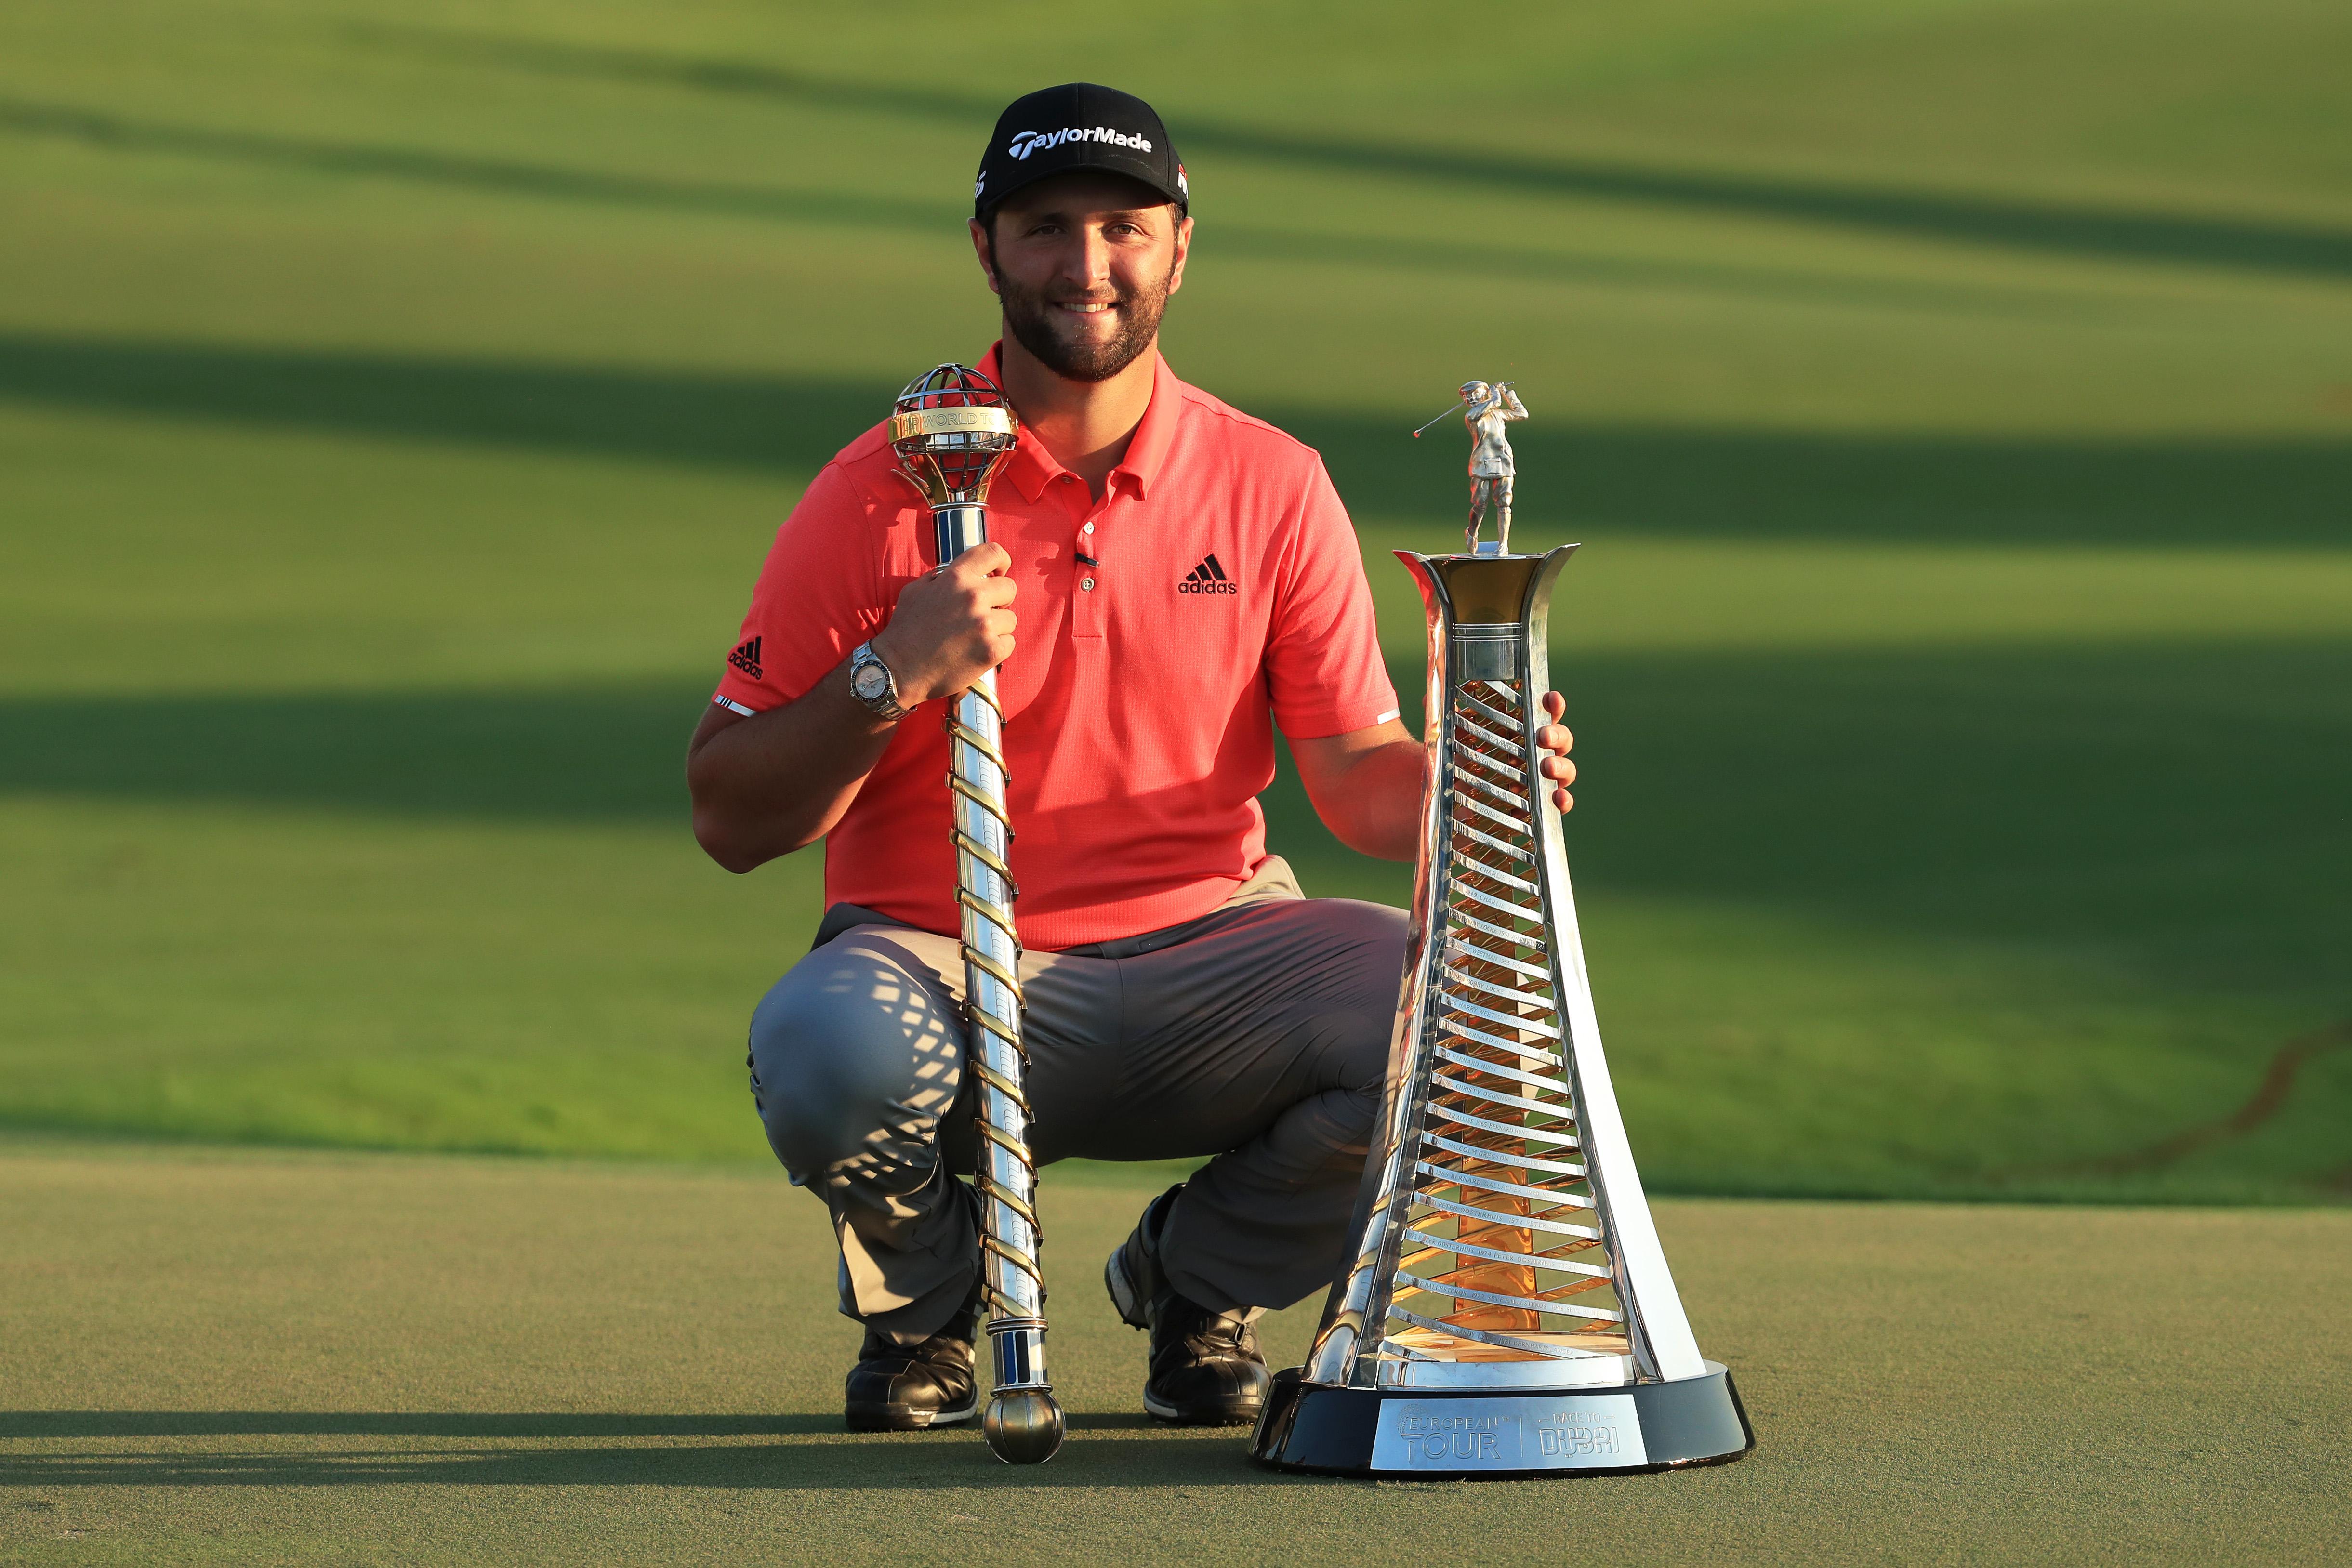 DP World Tour Championship Dubai - Day Four Getty Images